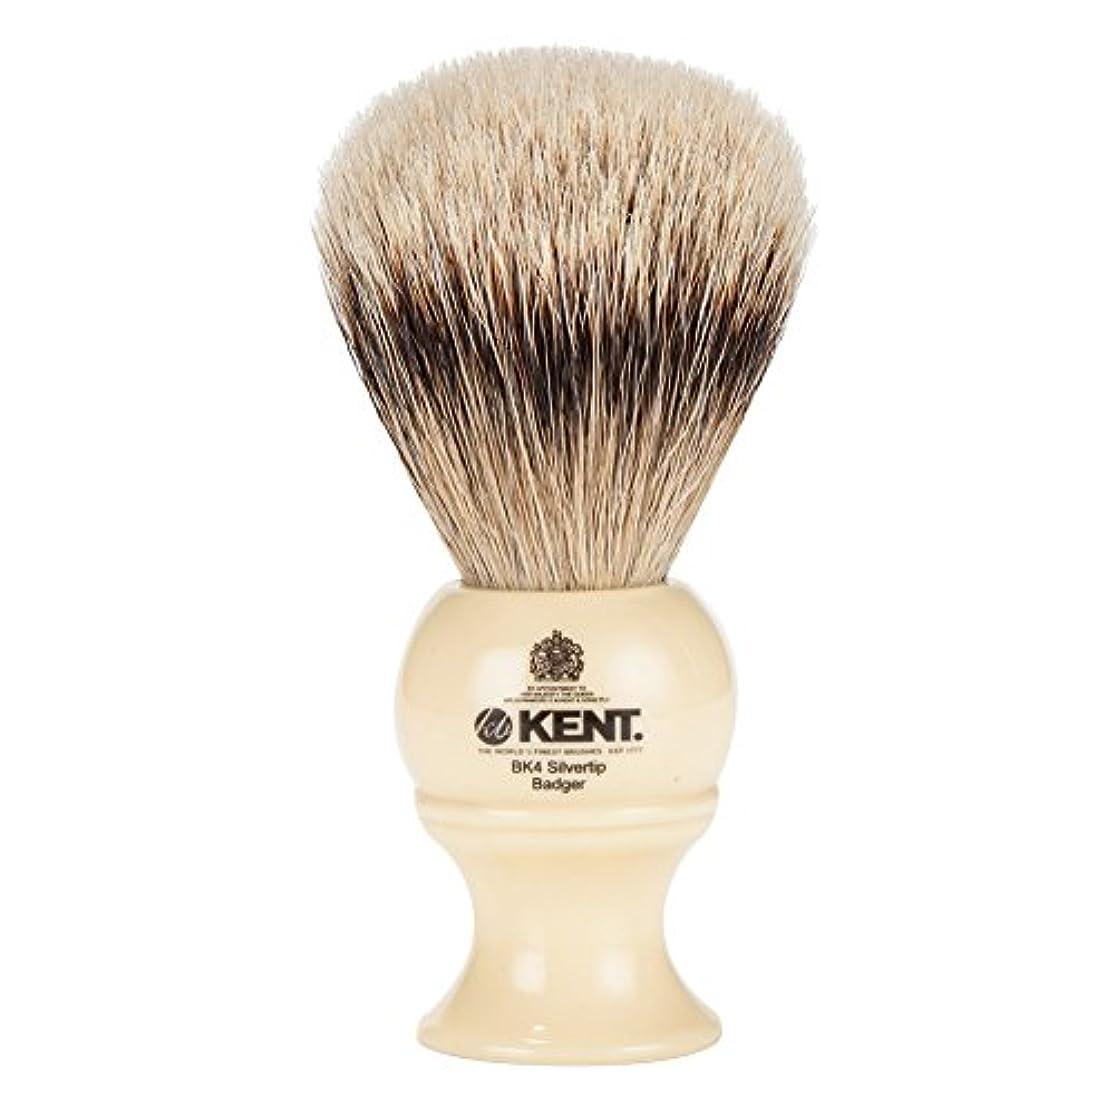 ドライ激しい復活させる[ ケント ブラシ ] Kent Brush シルバーチップアナグマ シェービングブラシ (Mサイズ) BK4 ホワイト 髭剃り [並行輸入品]